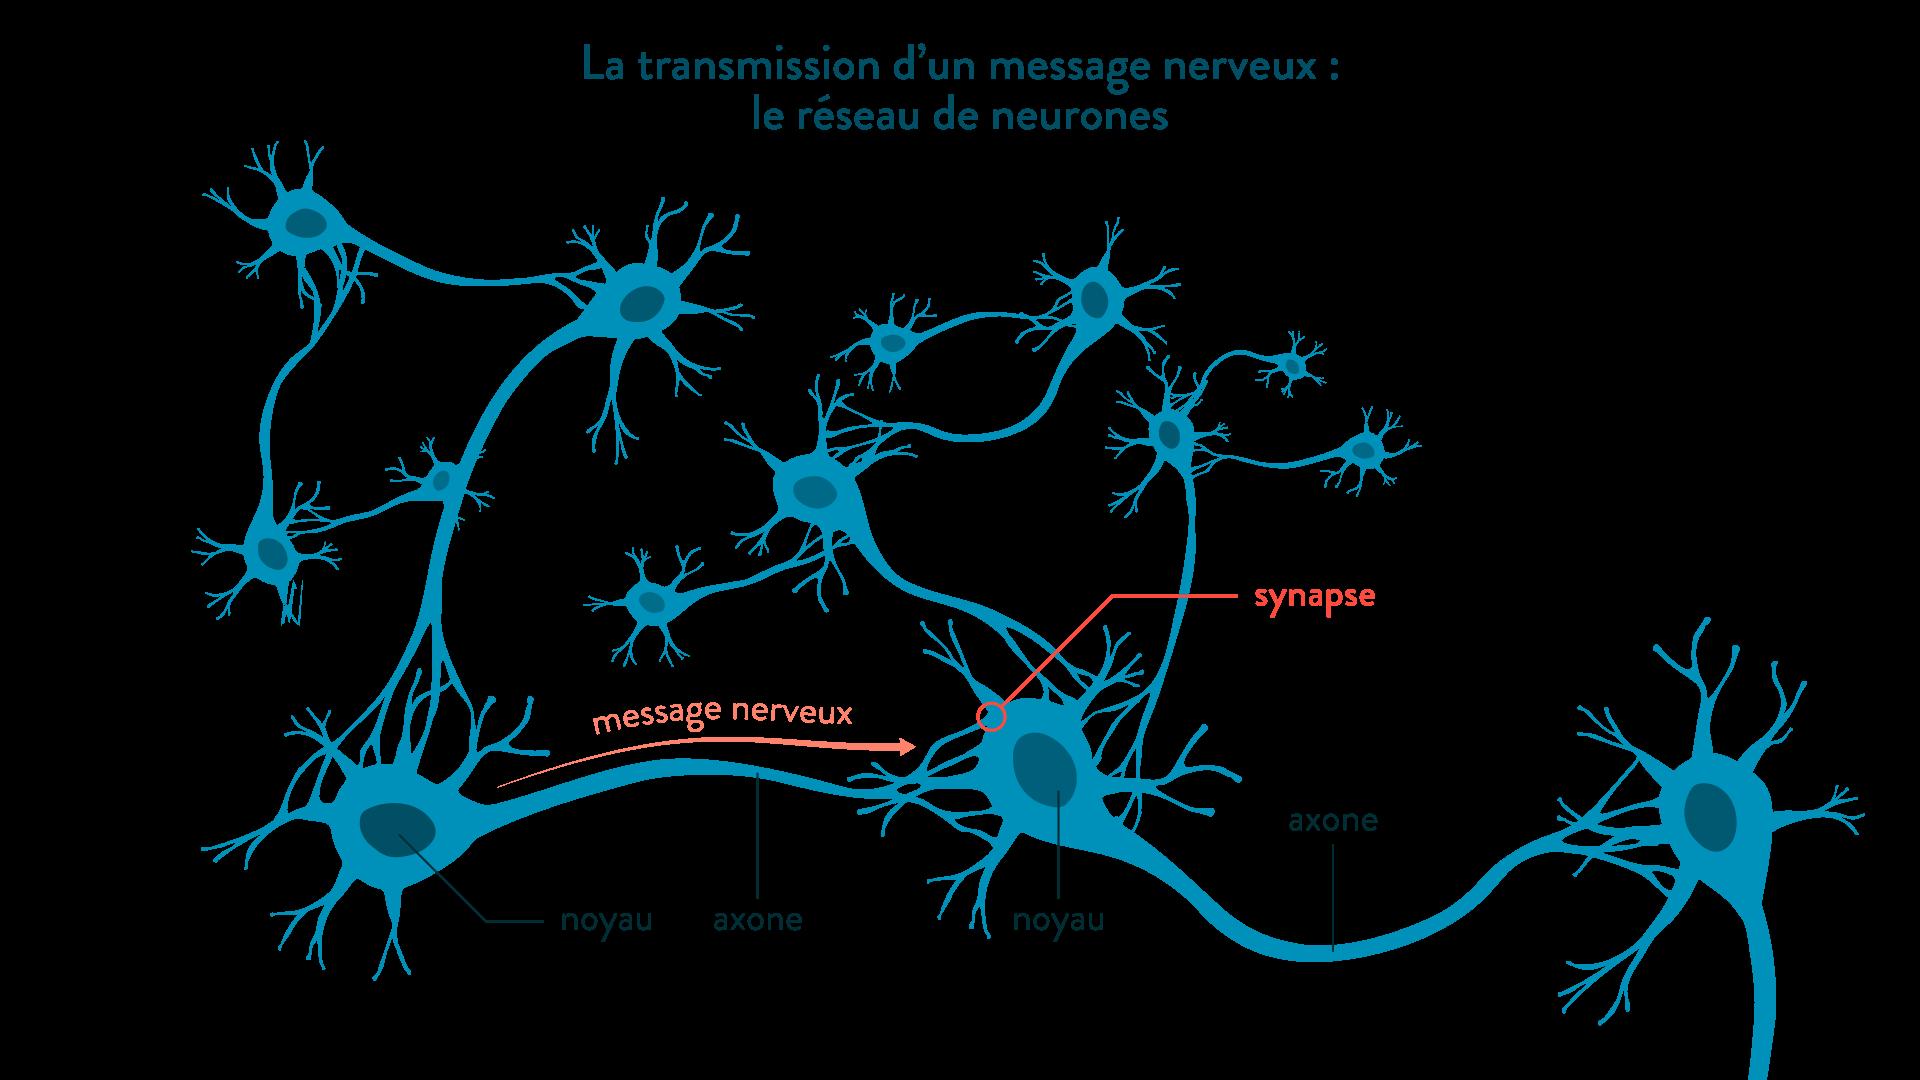 La transmission d'un message nerveux, le réseau de neurones